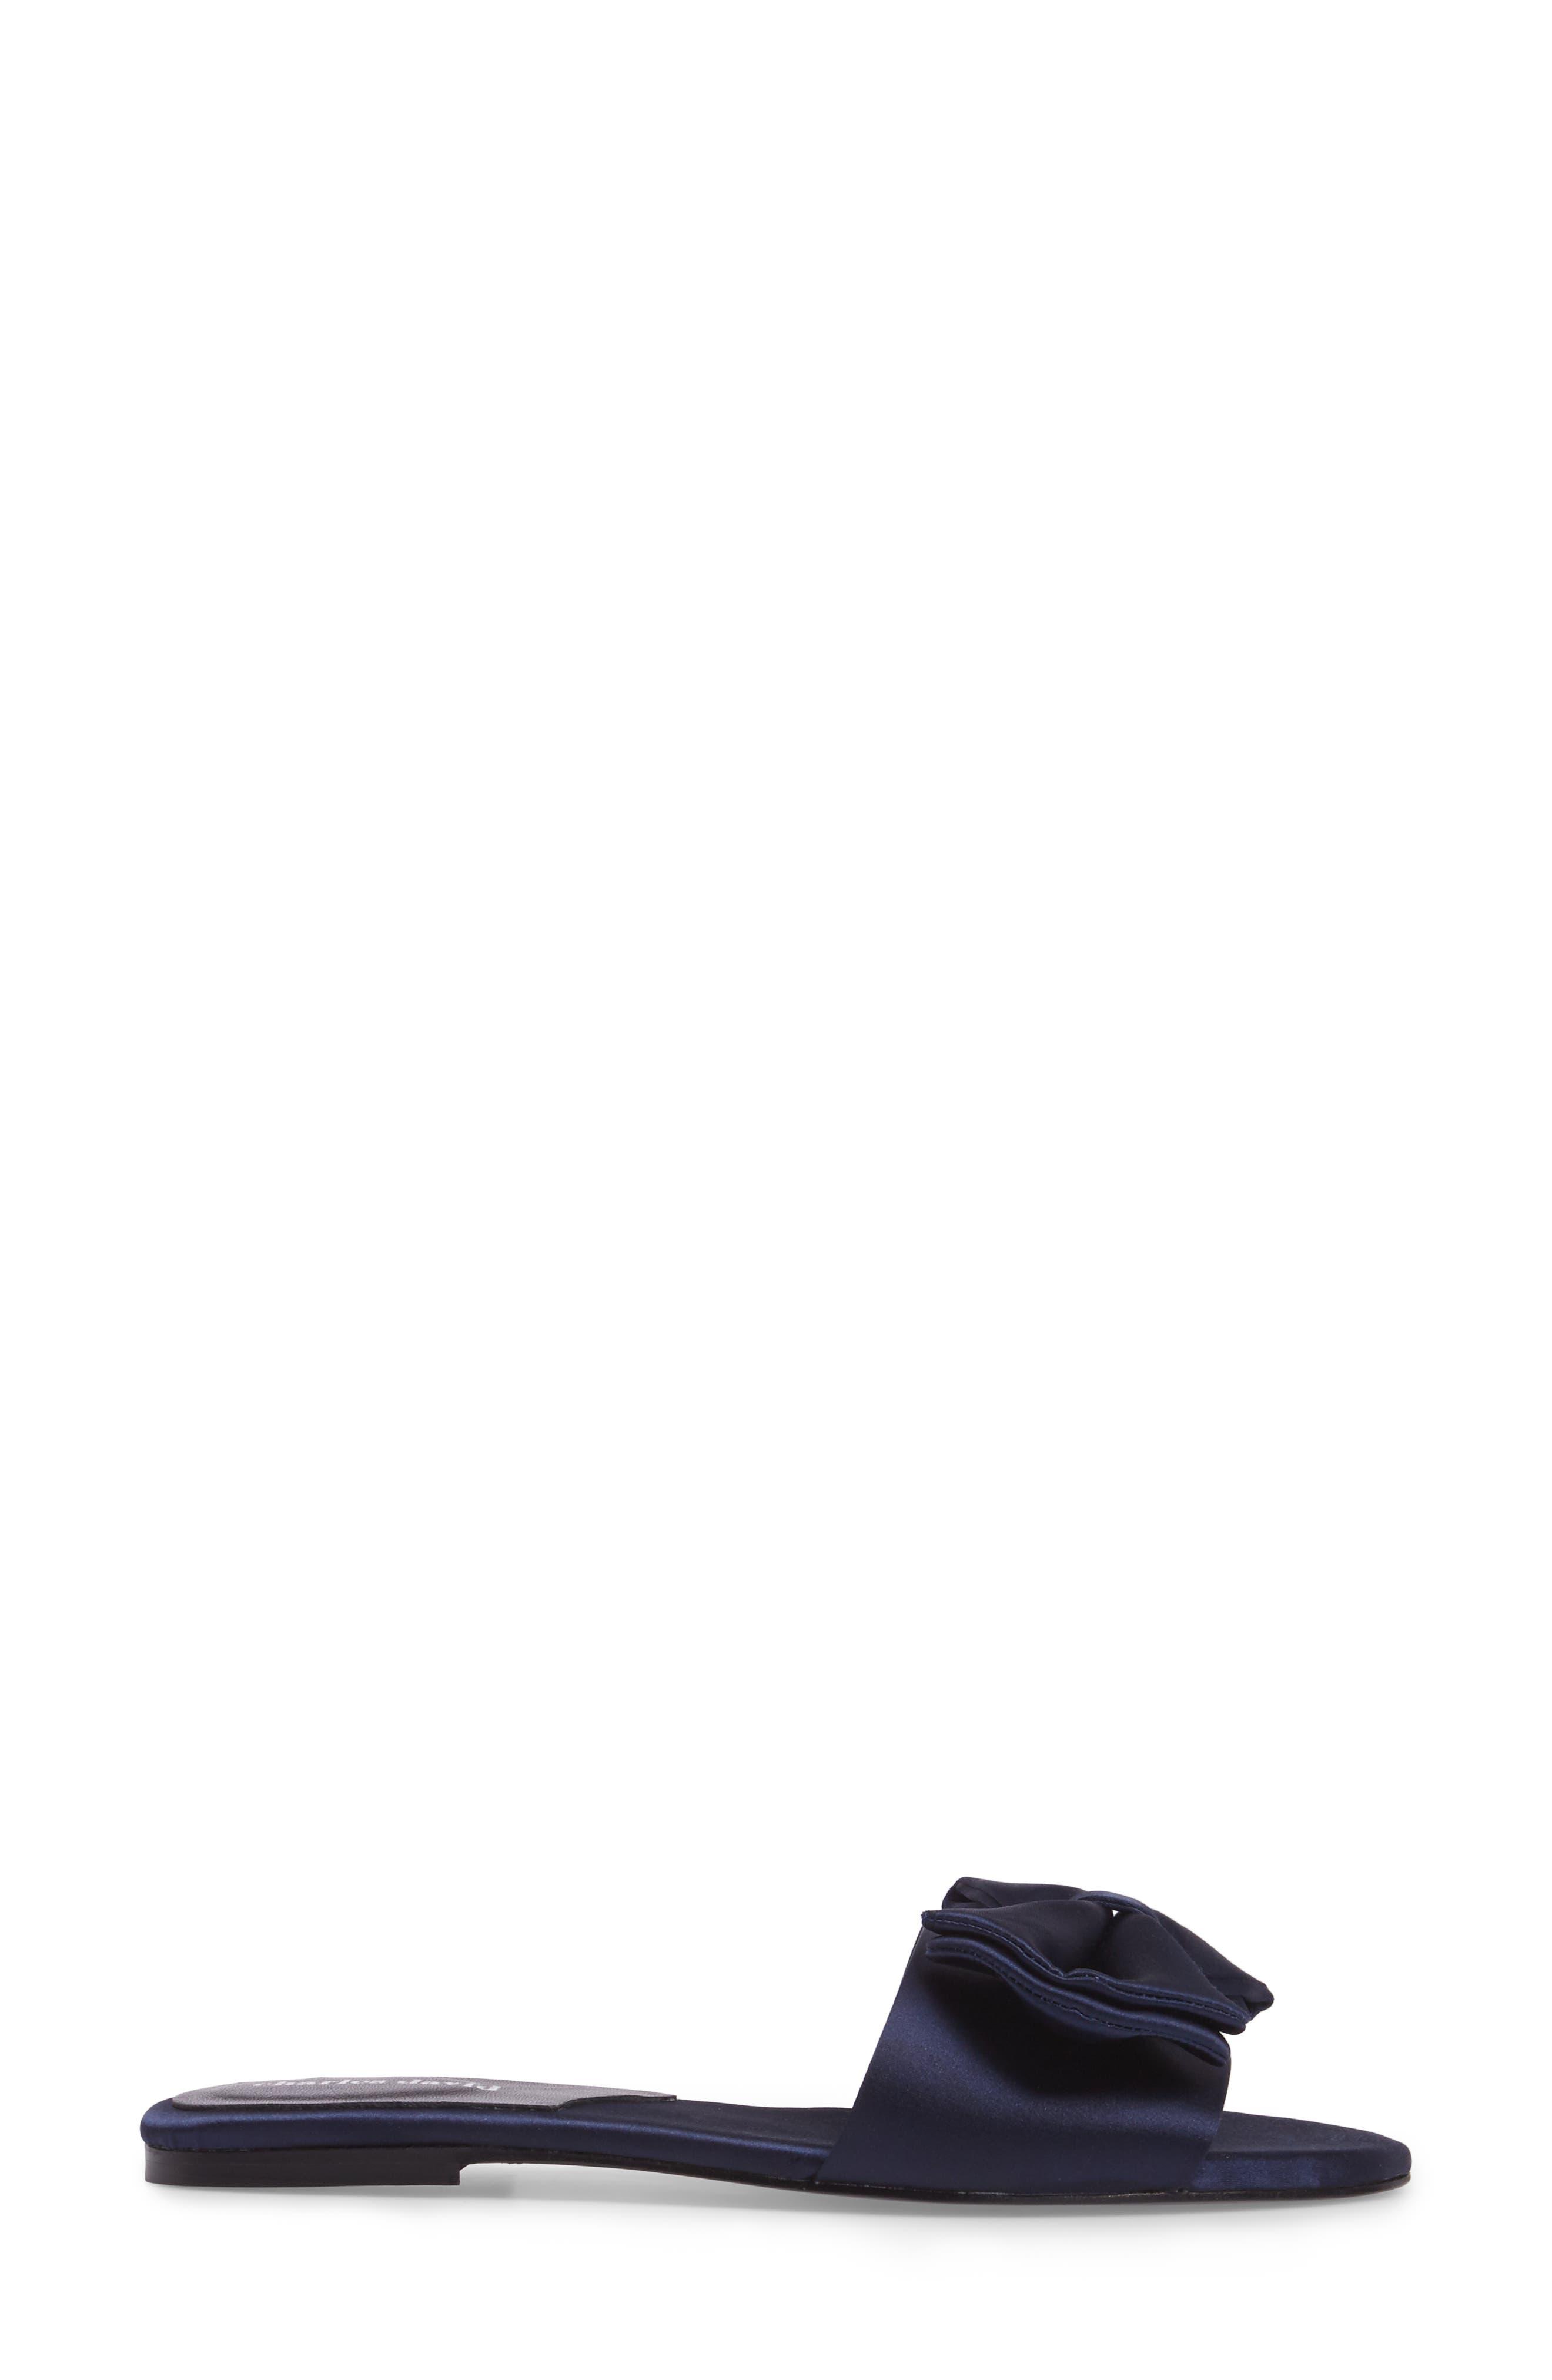 Bow Slide Sandal,                             Alternate thumbnail 3, color,                             NAVY SATIN